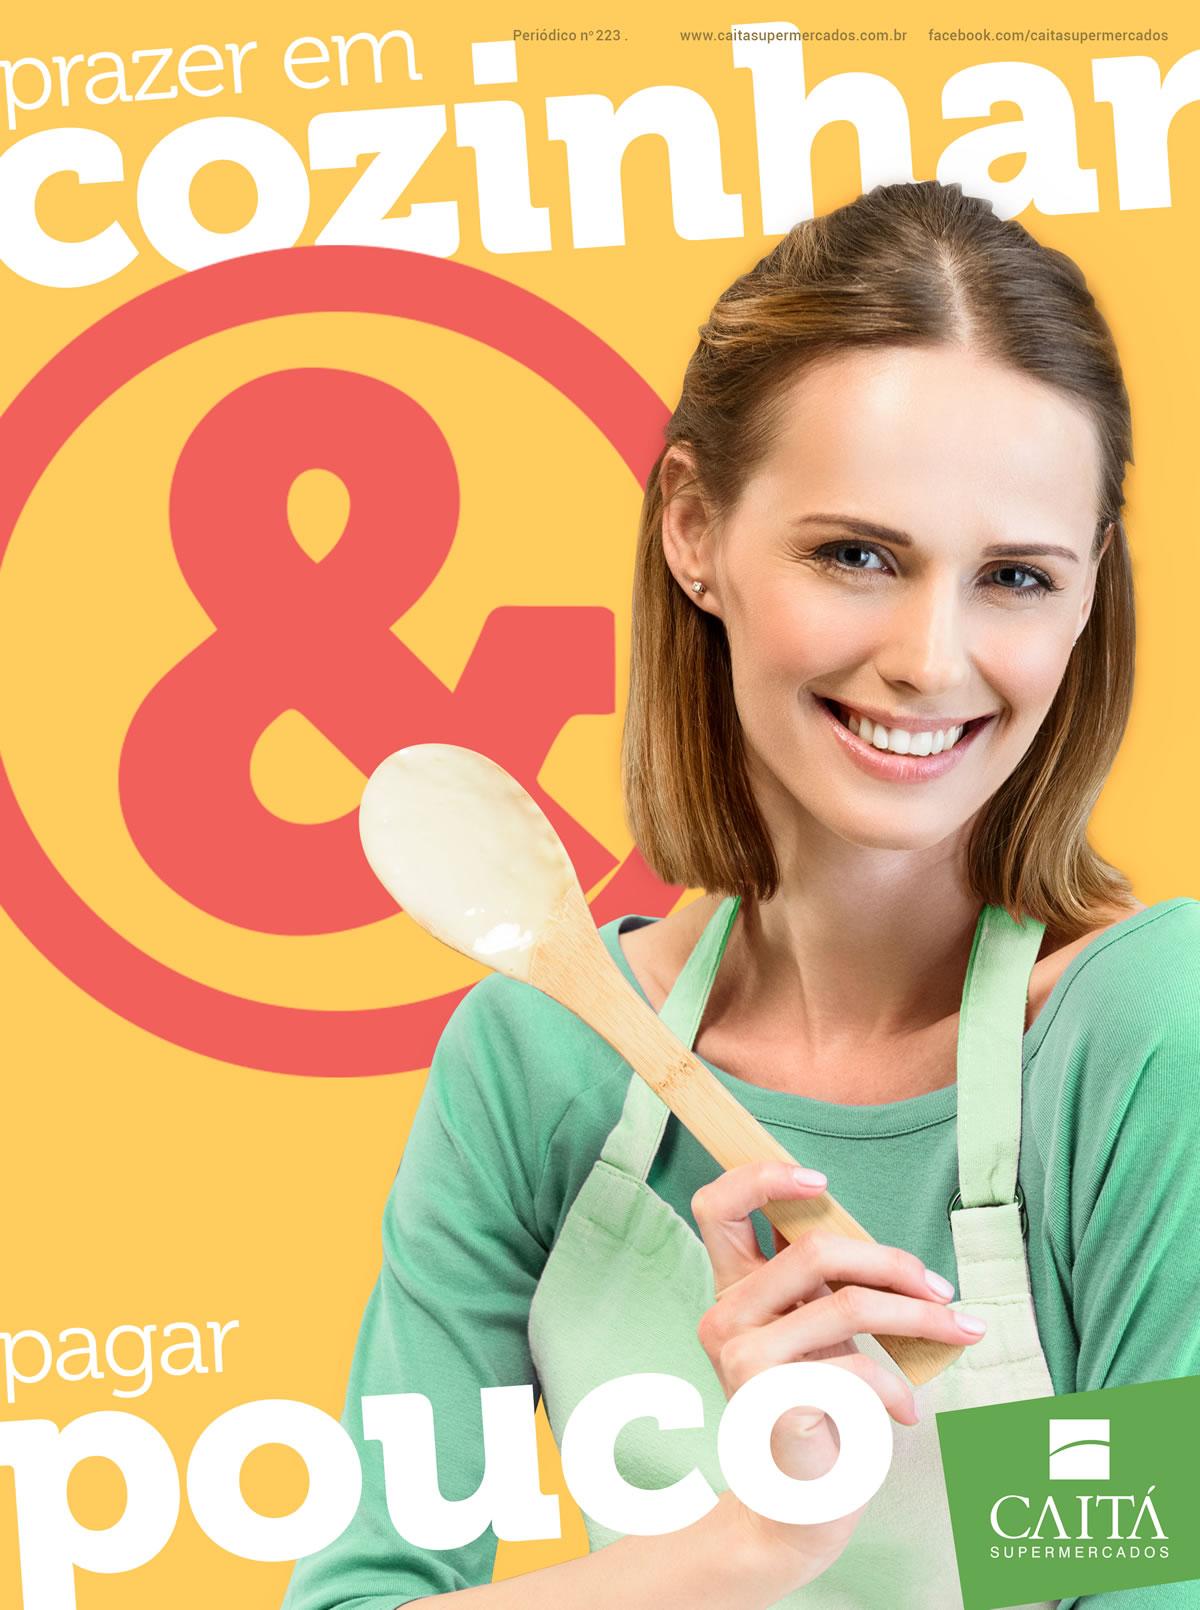 caita_supermercados_tabloide_abril_joacaba_01